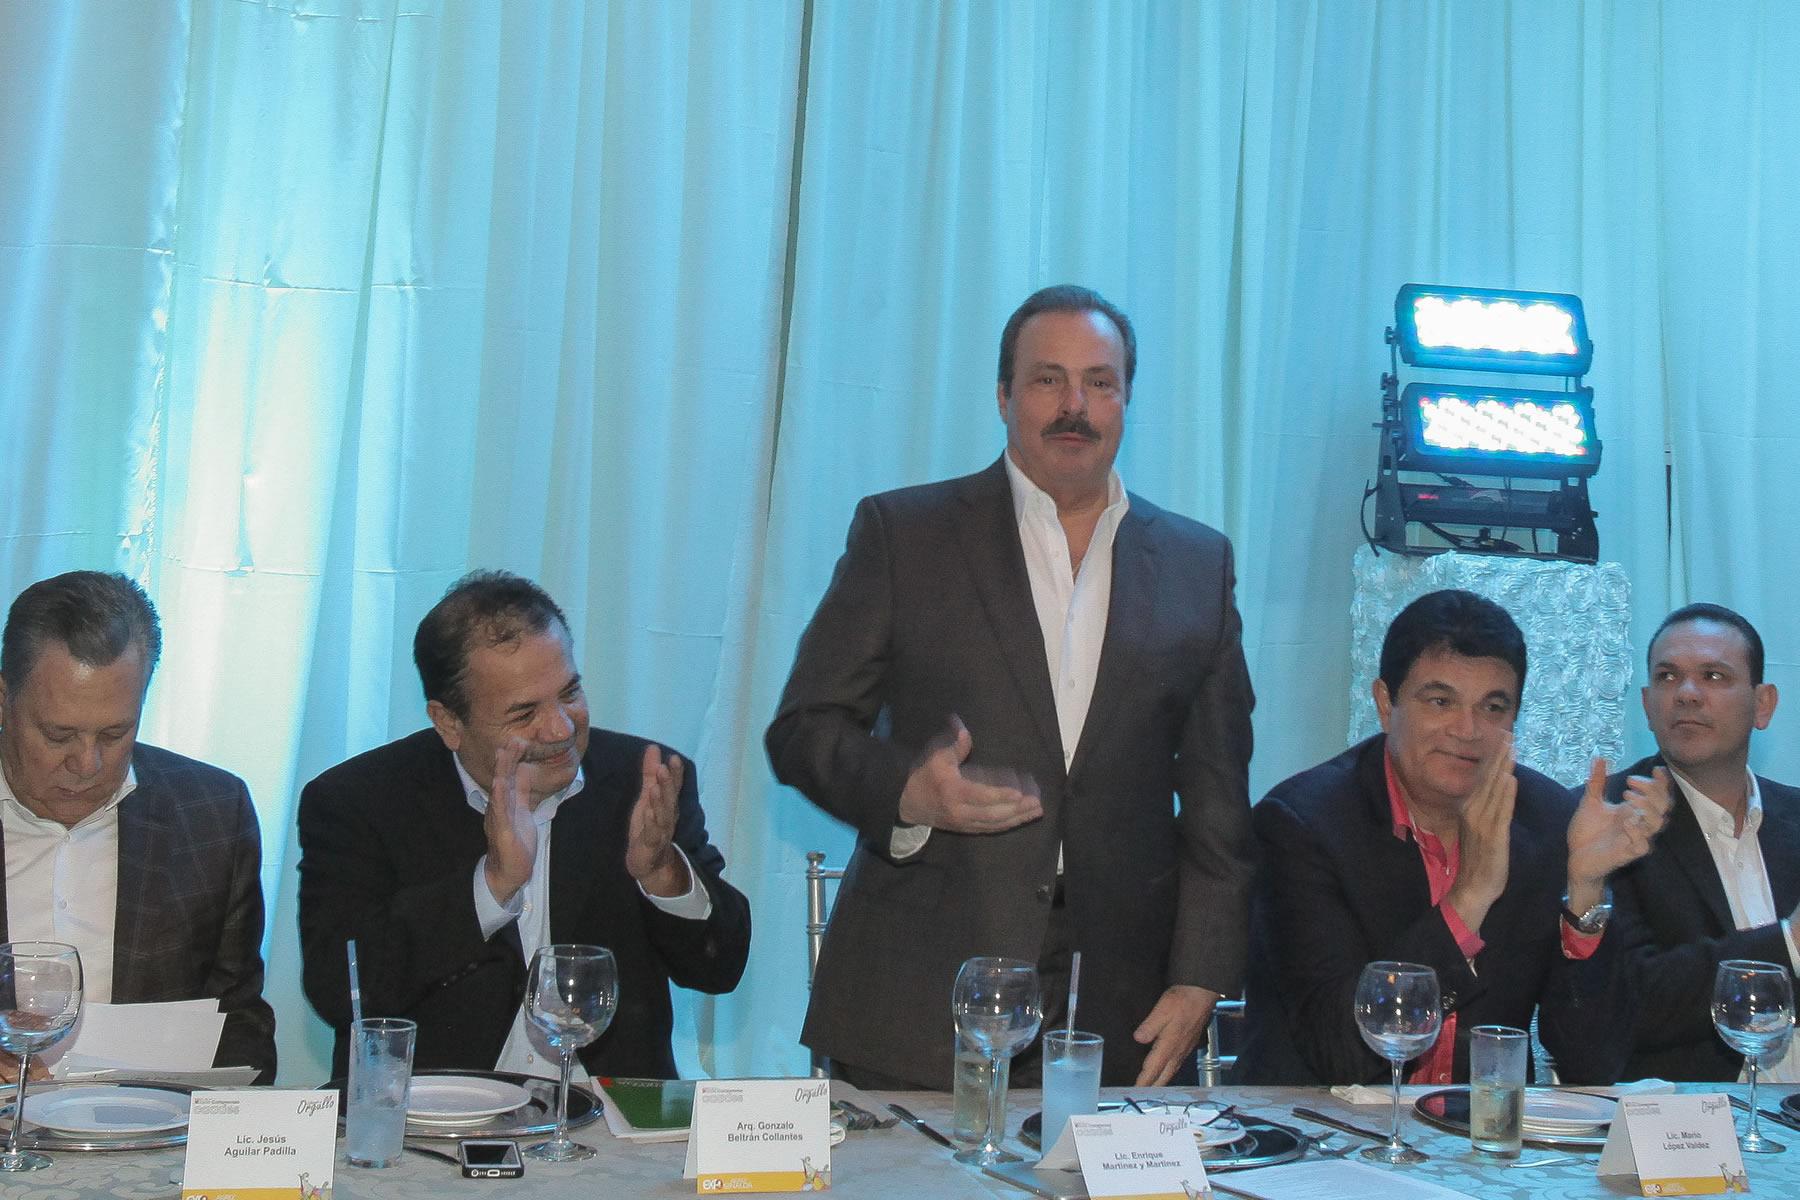 Aumenta México 6% producción de granos y oleaginosas en 2014: SAGARPA.